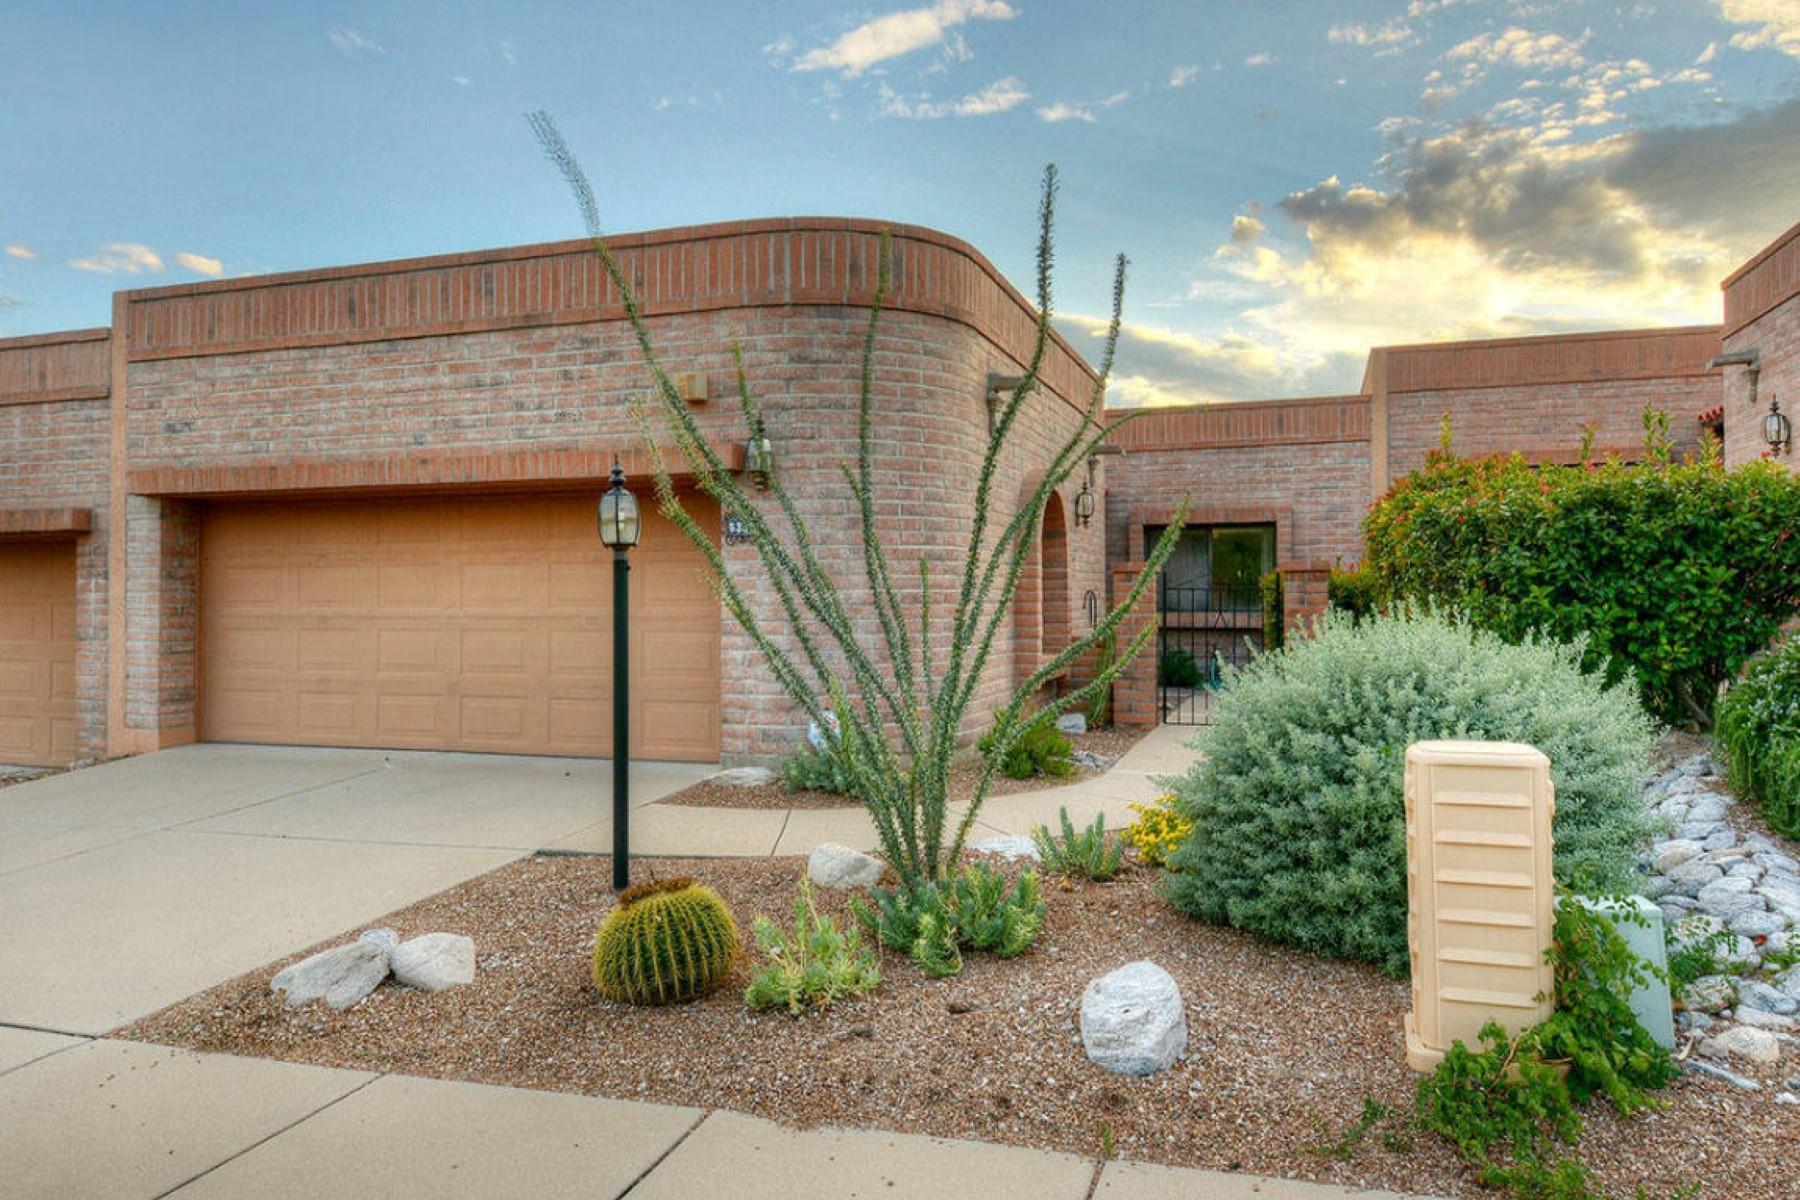 Maison unifamiliale pour l Vente à Welcoming feel-good Fairfield on a quiet cul-de-sac road 5381 N Via Frassino Tucson, Arizona 85750 États-Unis